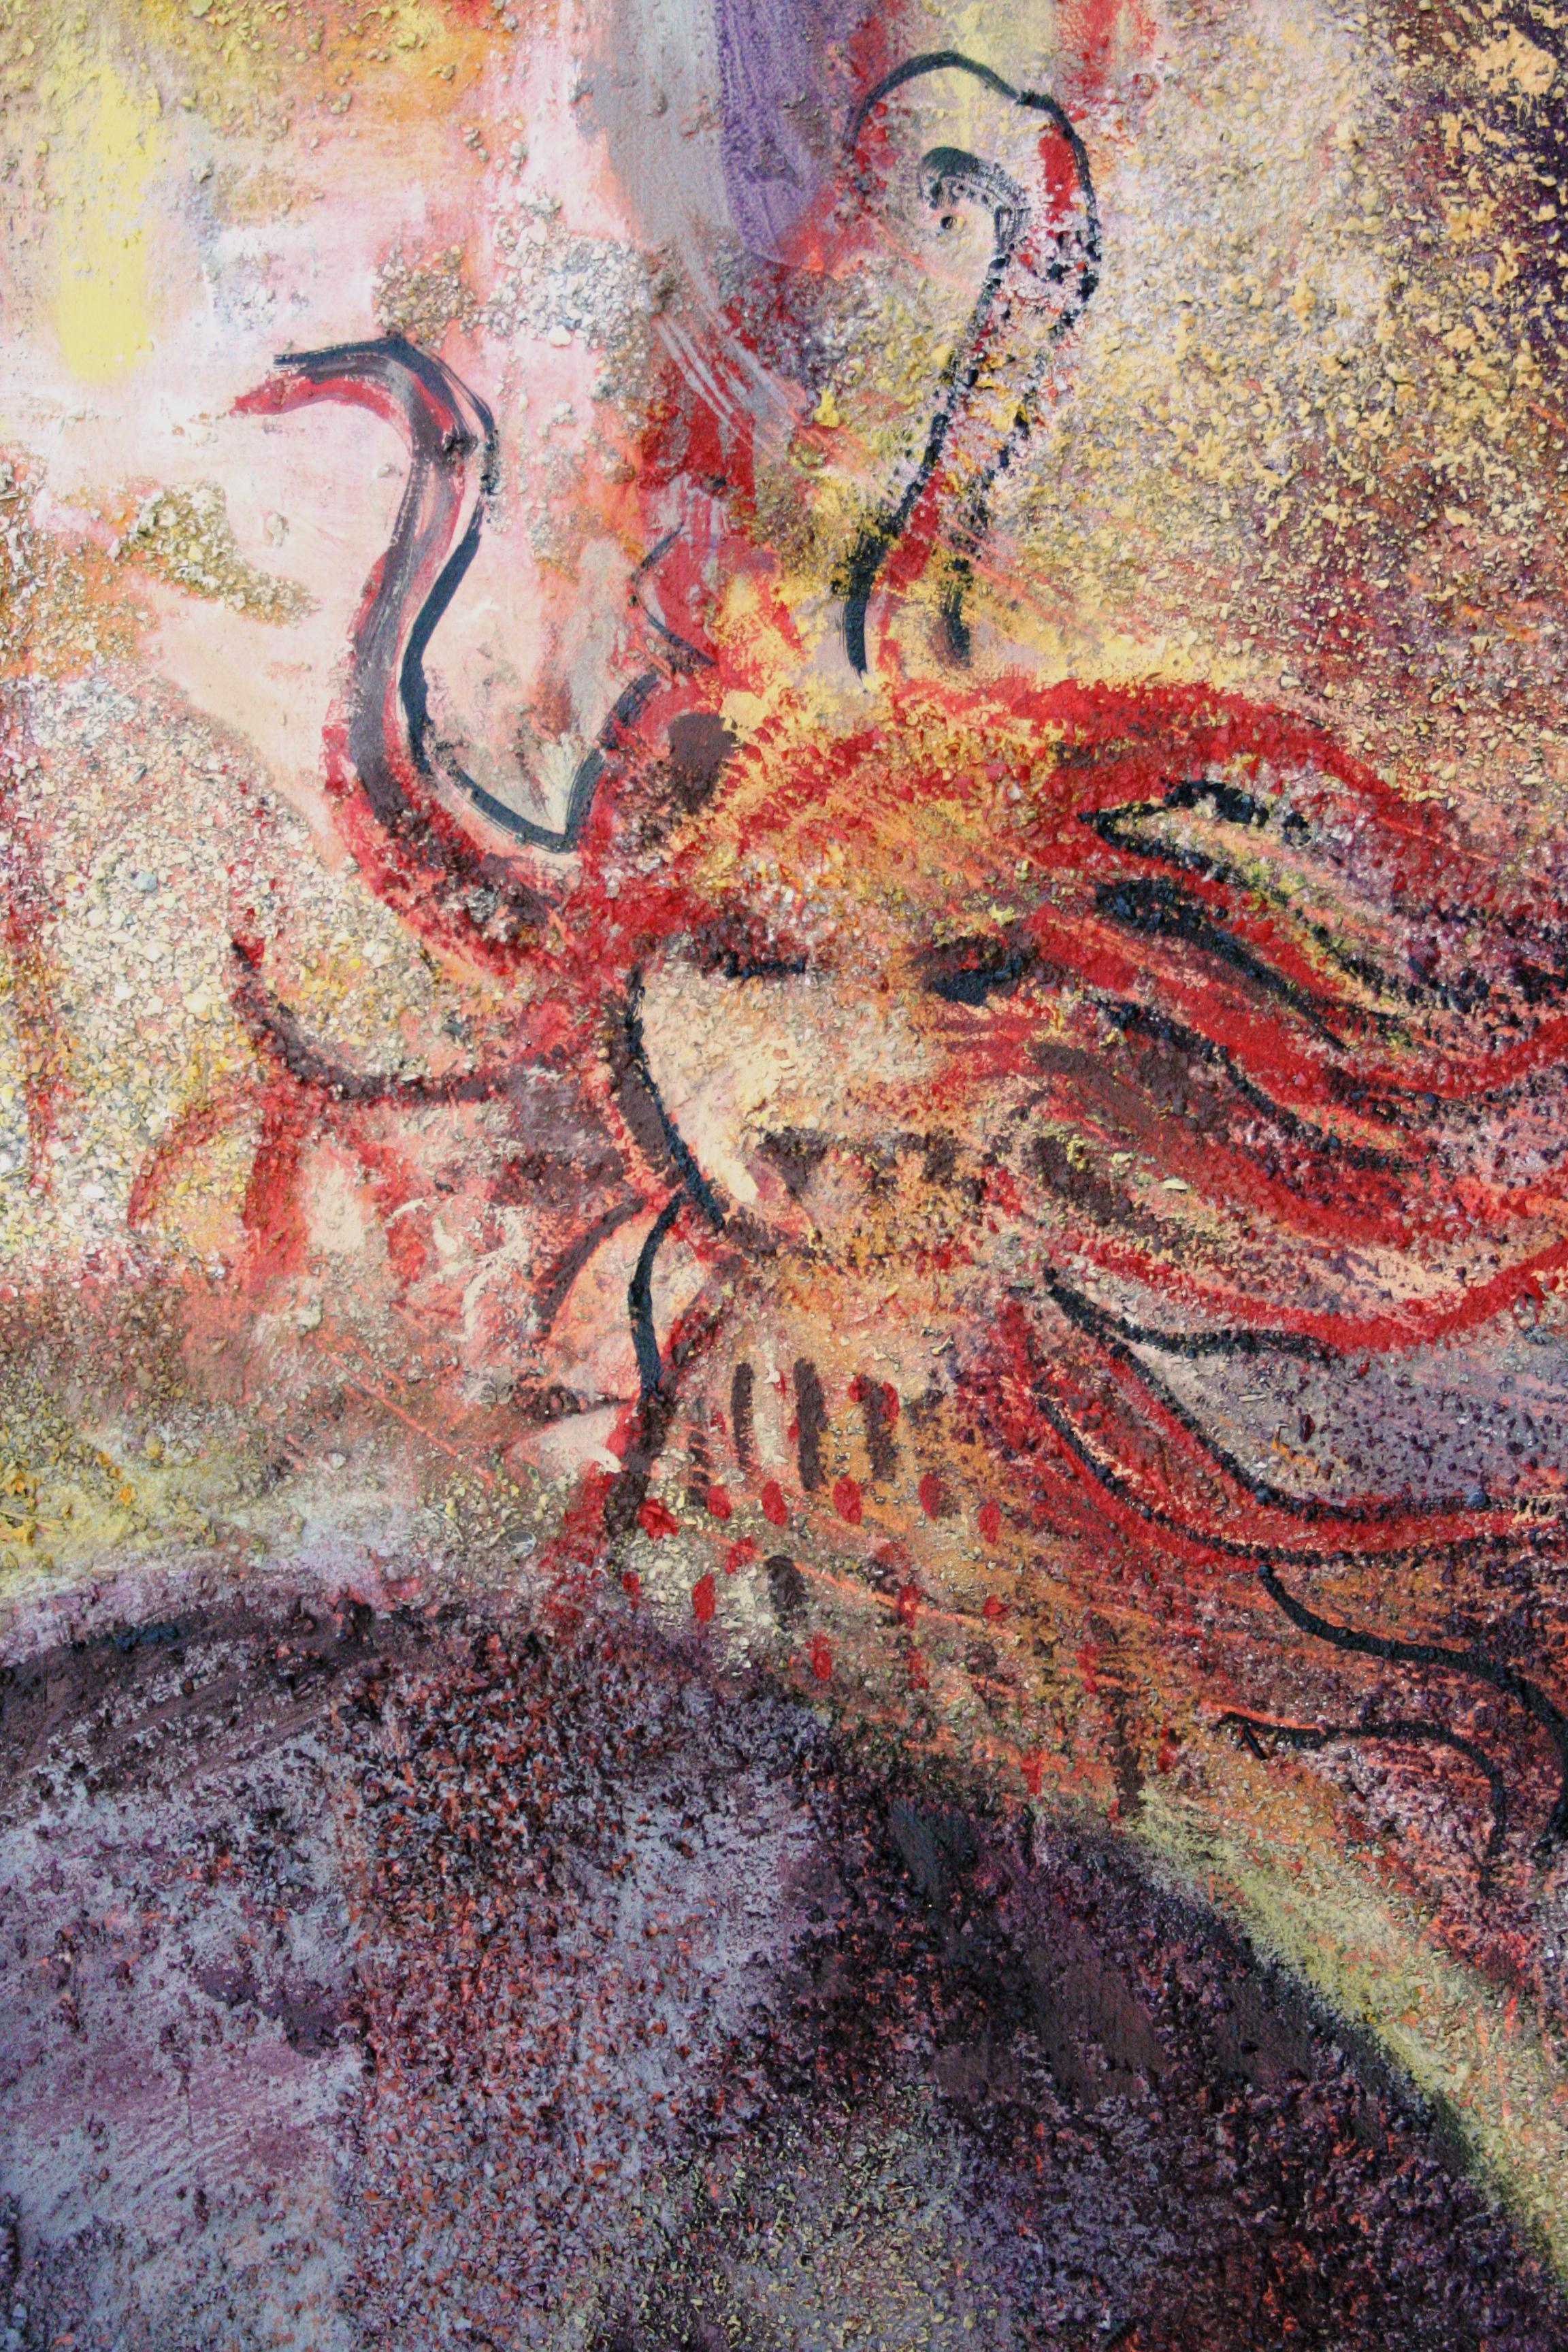 detail of Medusa